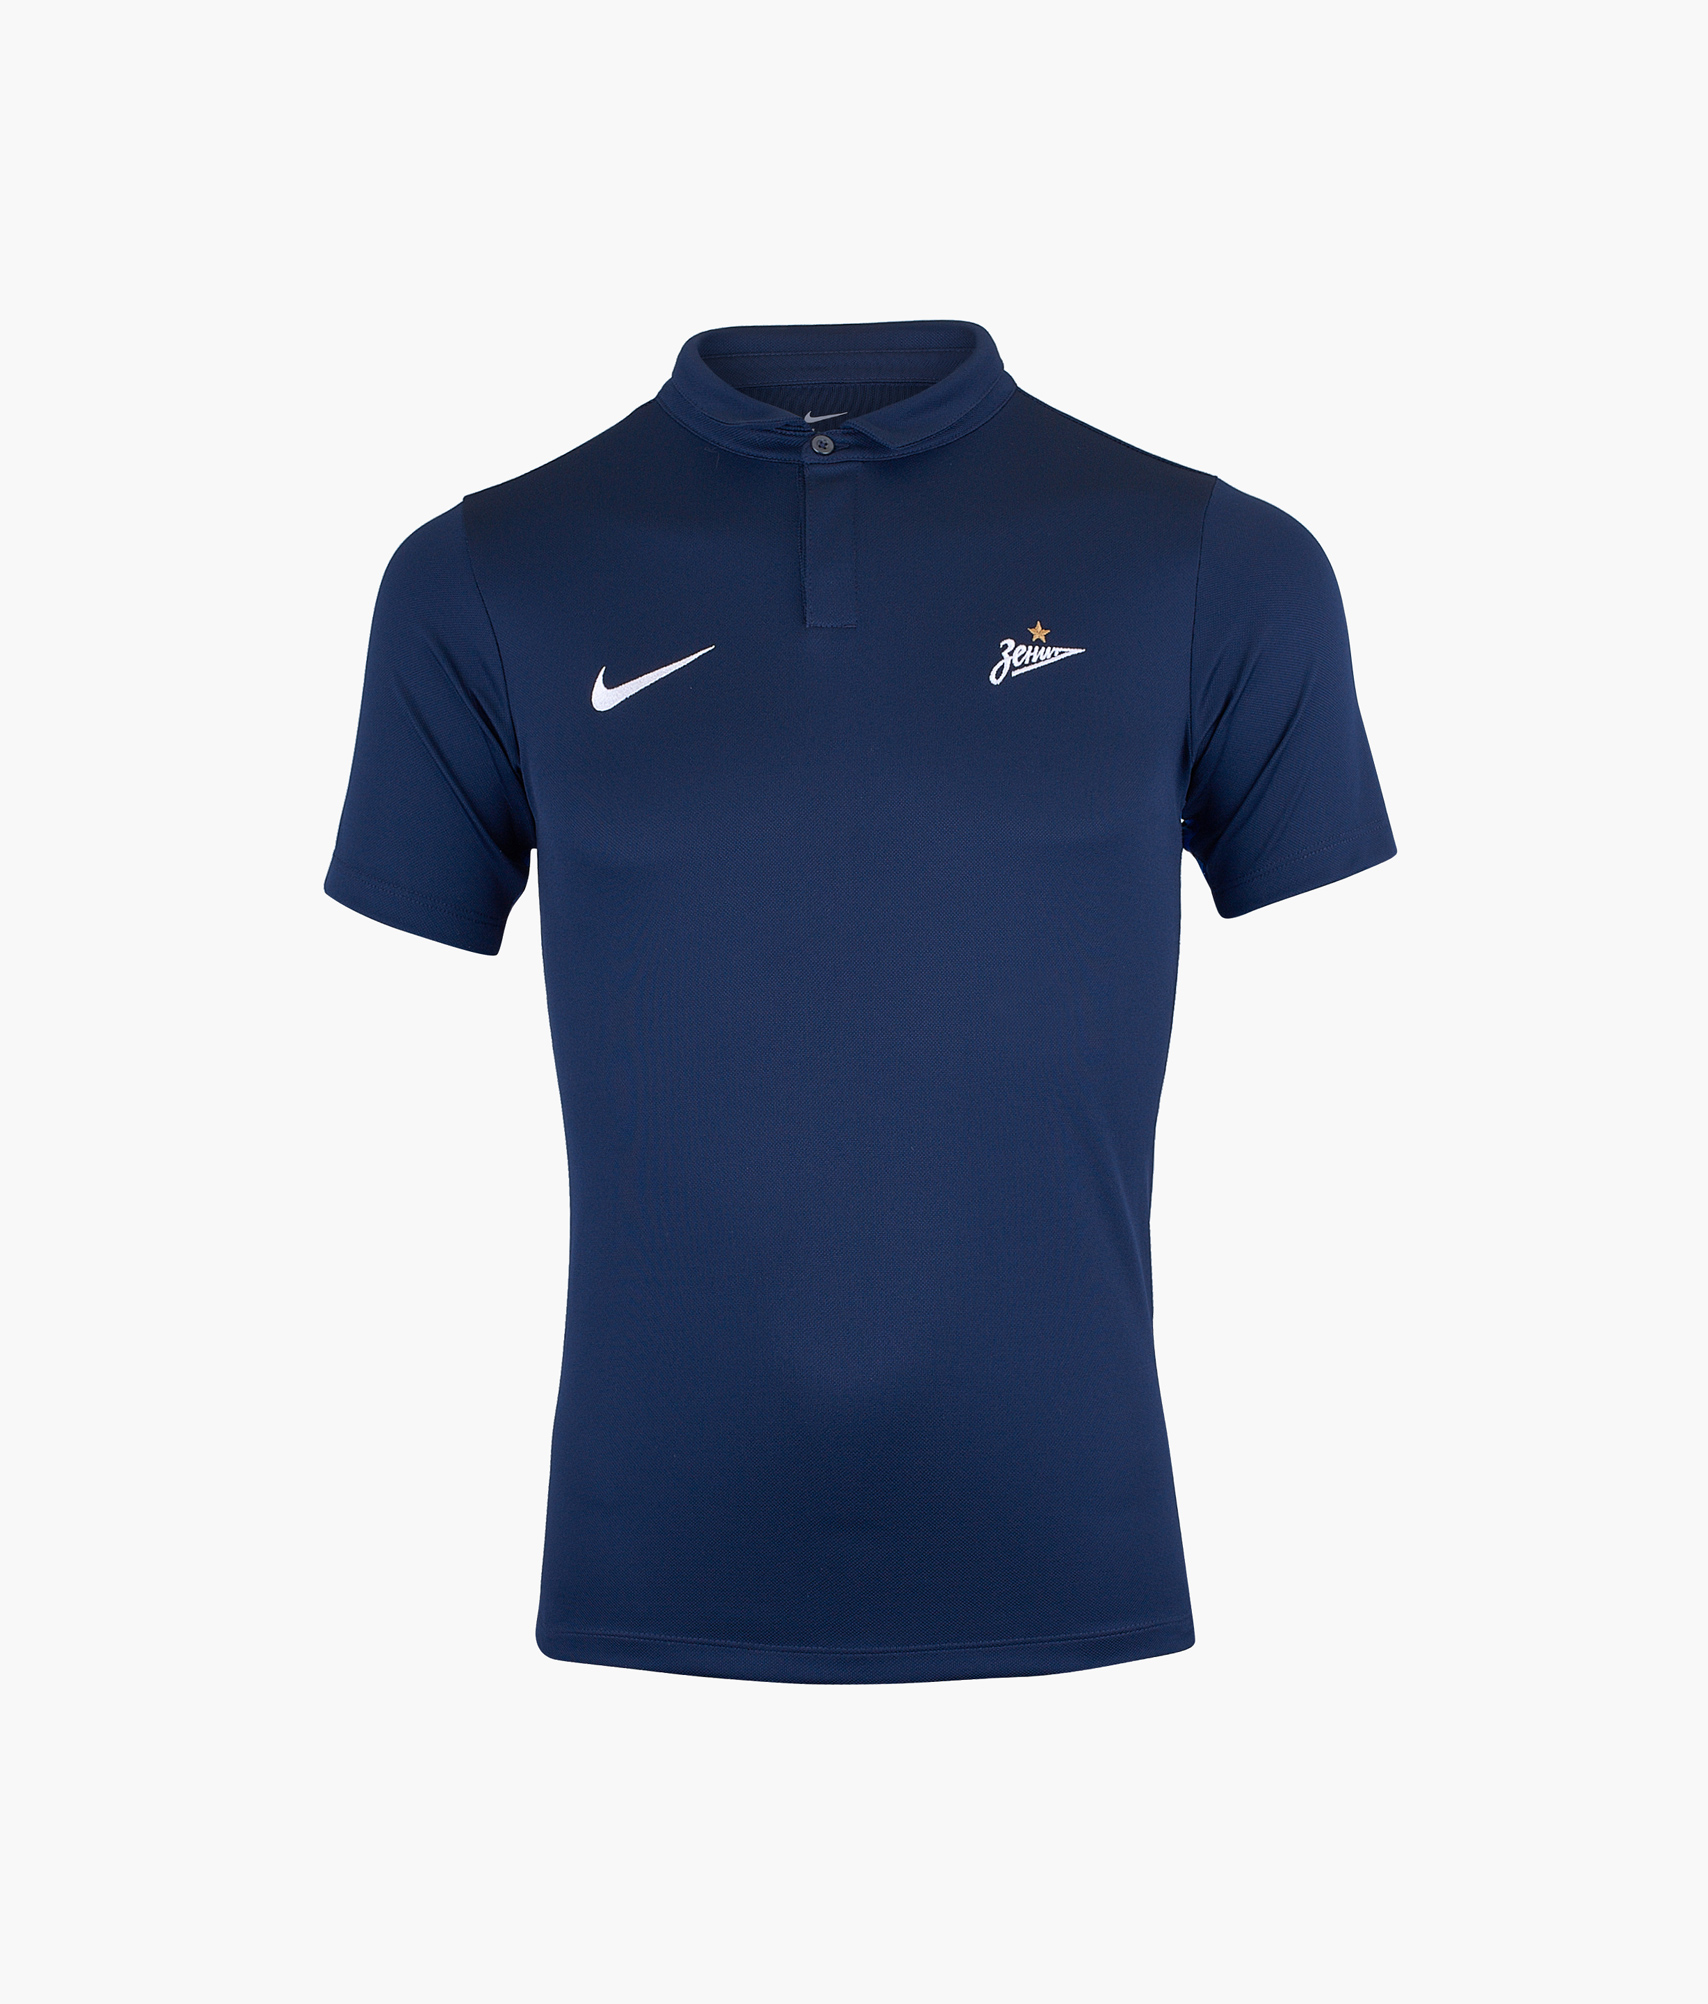 цена Поло подростковое Nike Nike Цвет-Темно-Синий онлайн в 2017 году